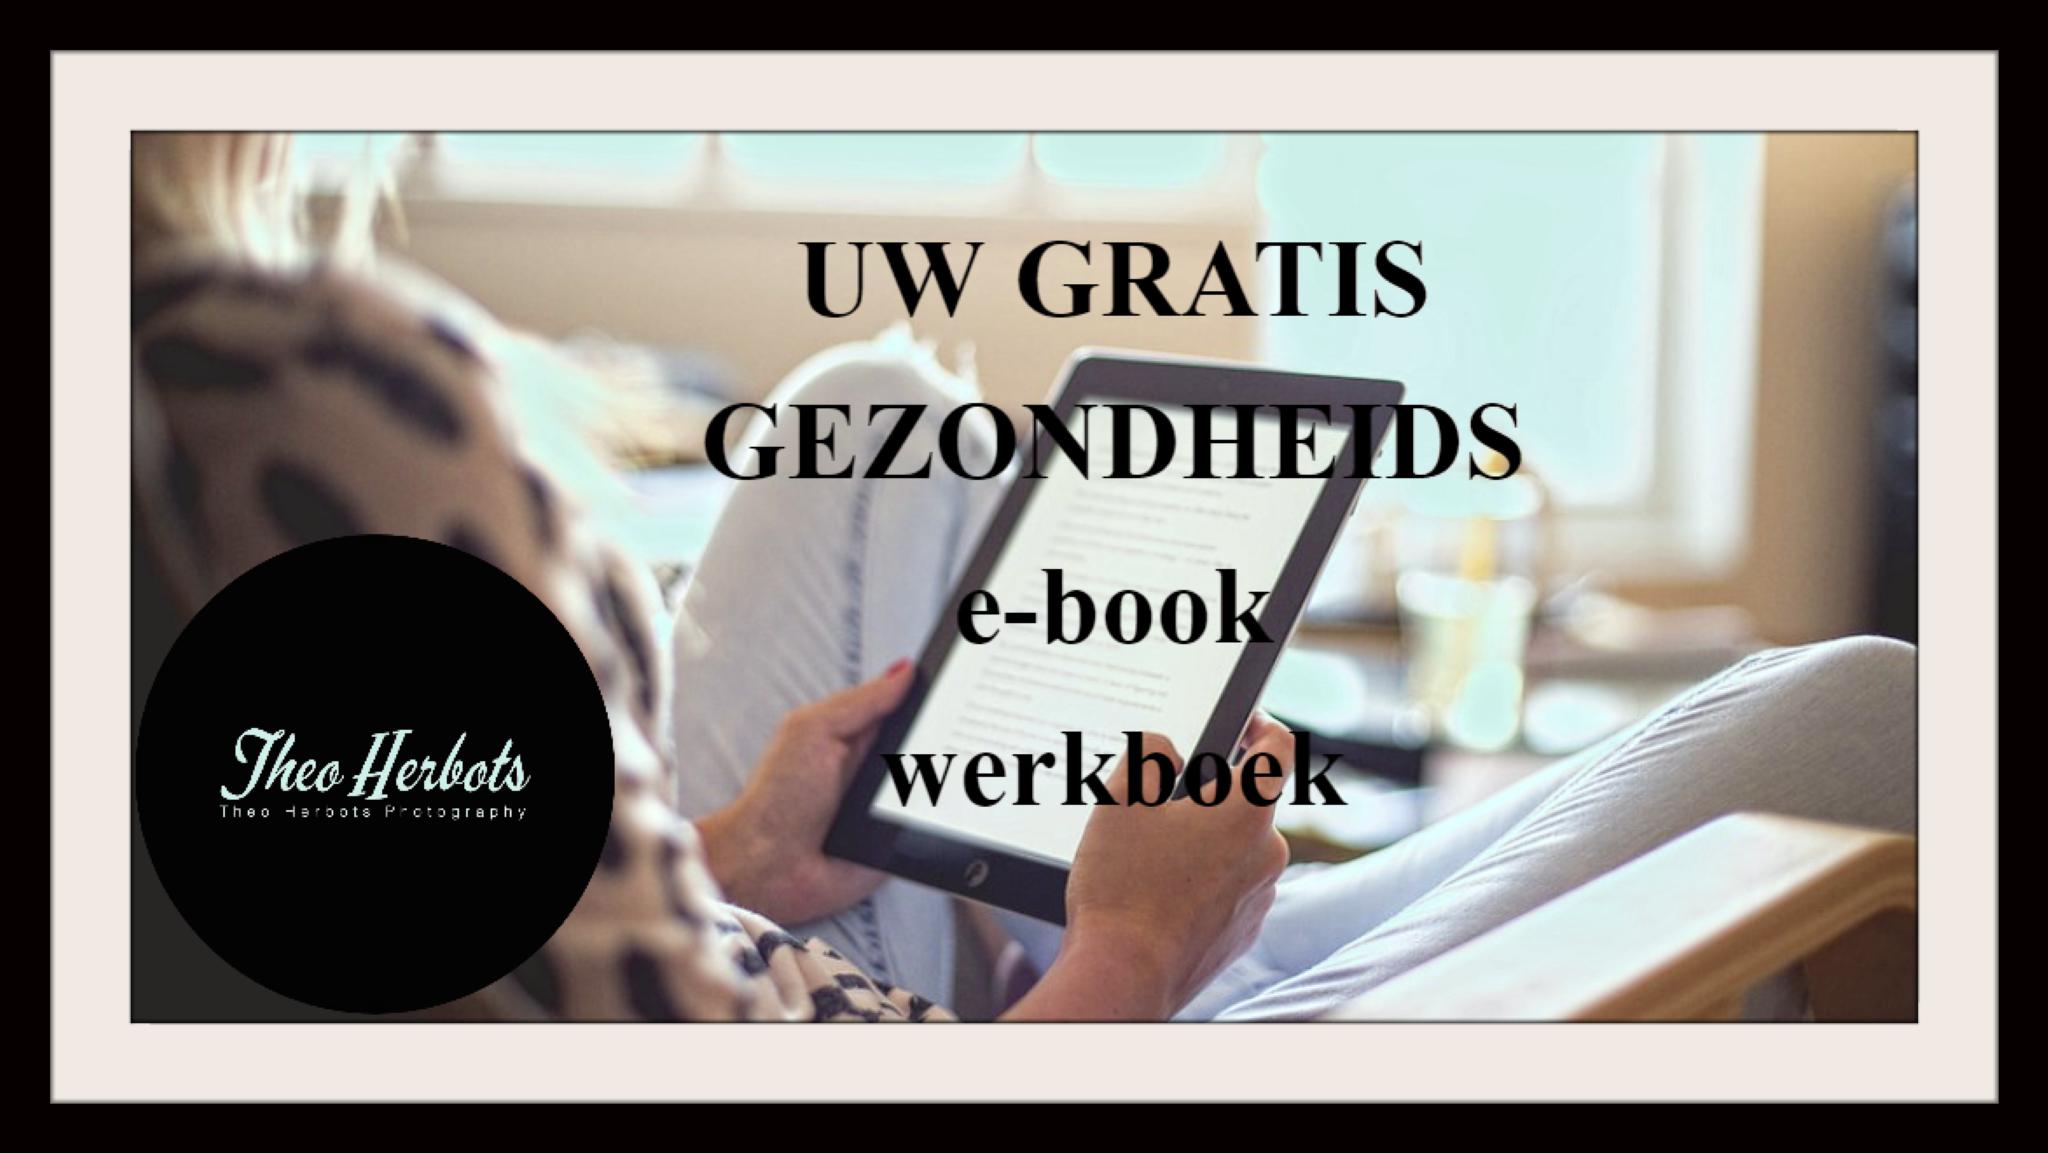 """Uw """"GRATIS"""" Gezondheids-e-book"""